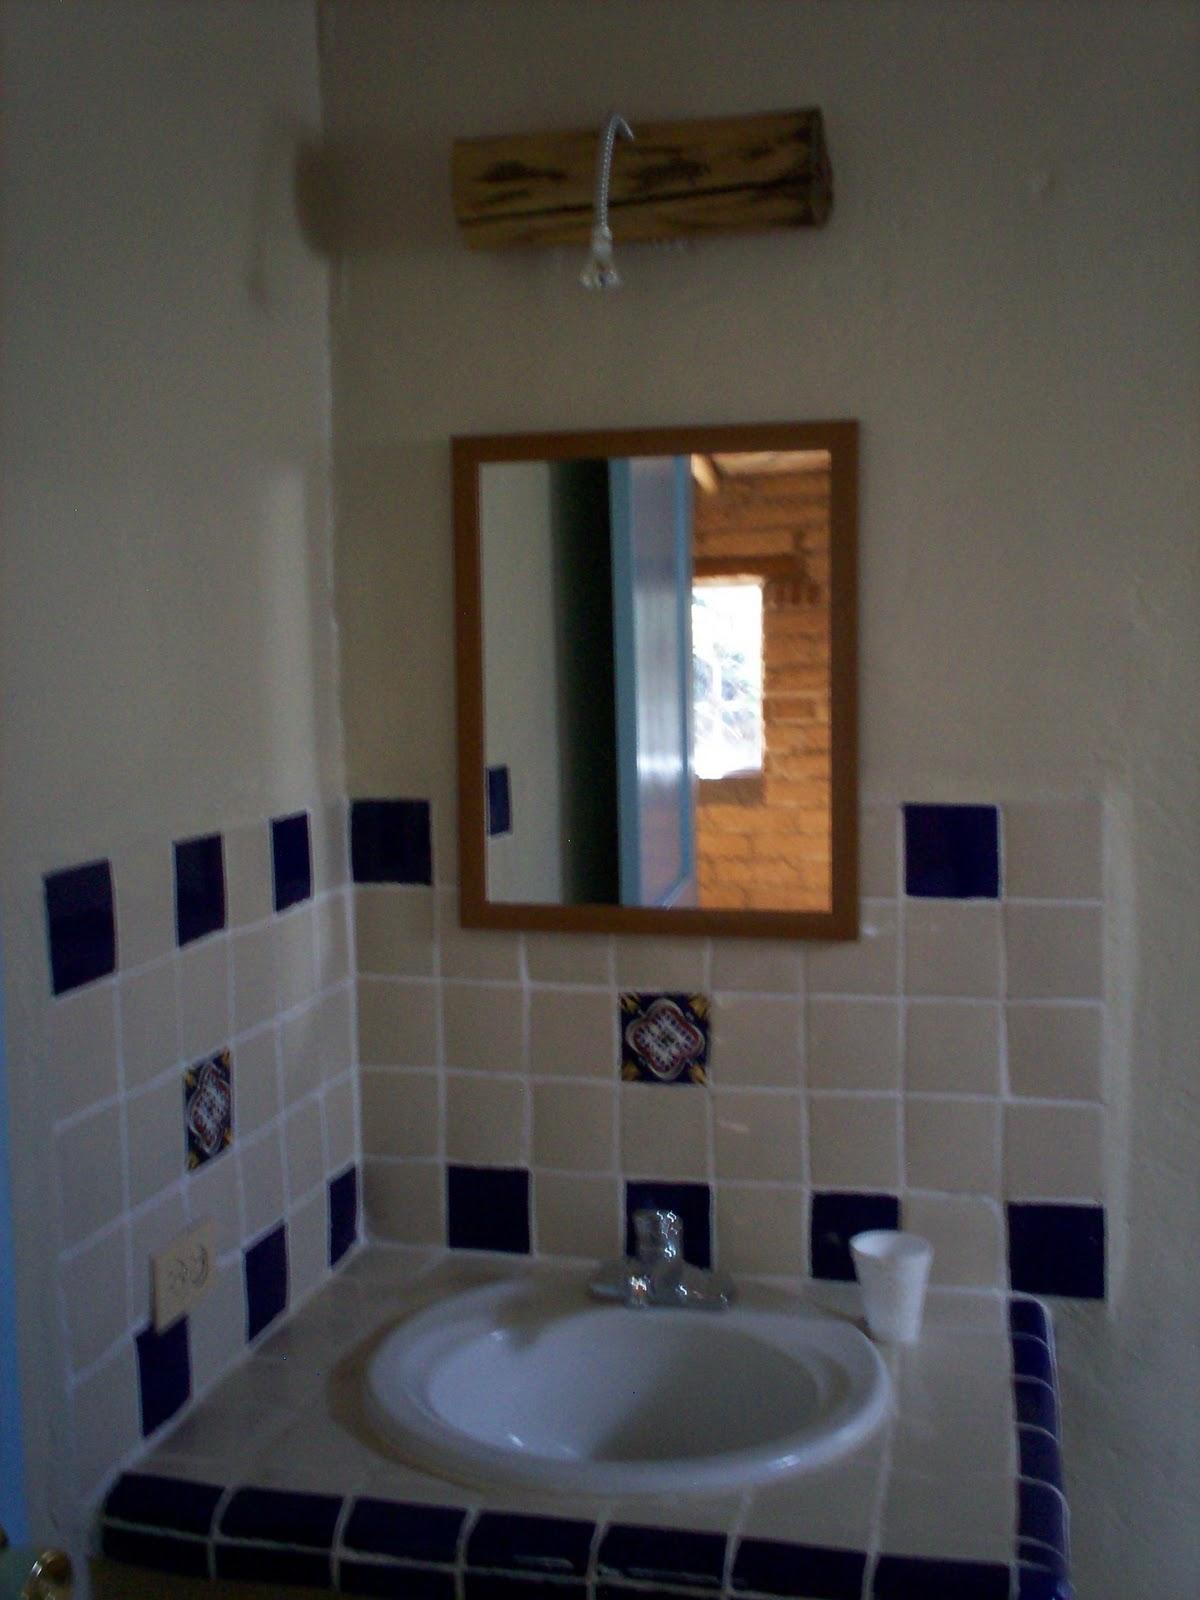 Azulejos Para Baño De Talavera:ACABADOS EN AZULEJO TALAVERA EN TINAS, DUCHAS Y LAVABOS DE LOS BAÑOS